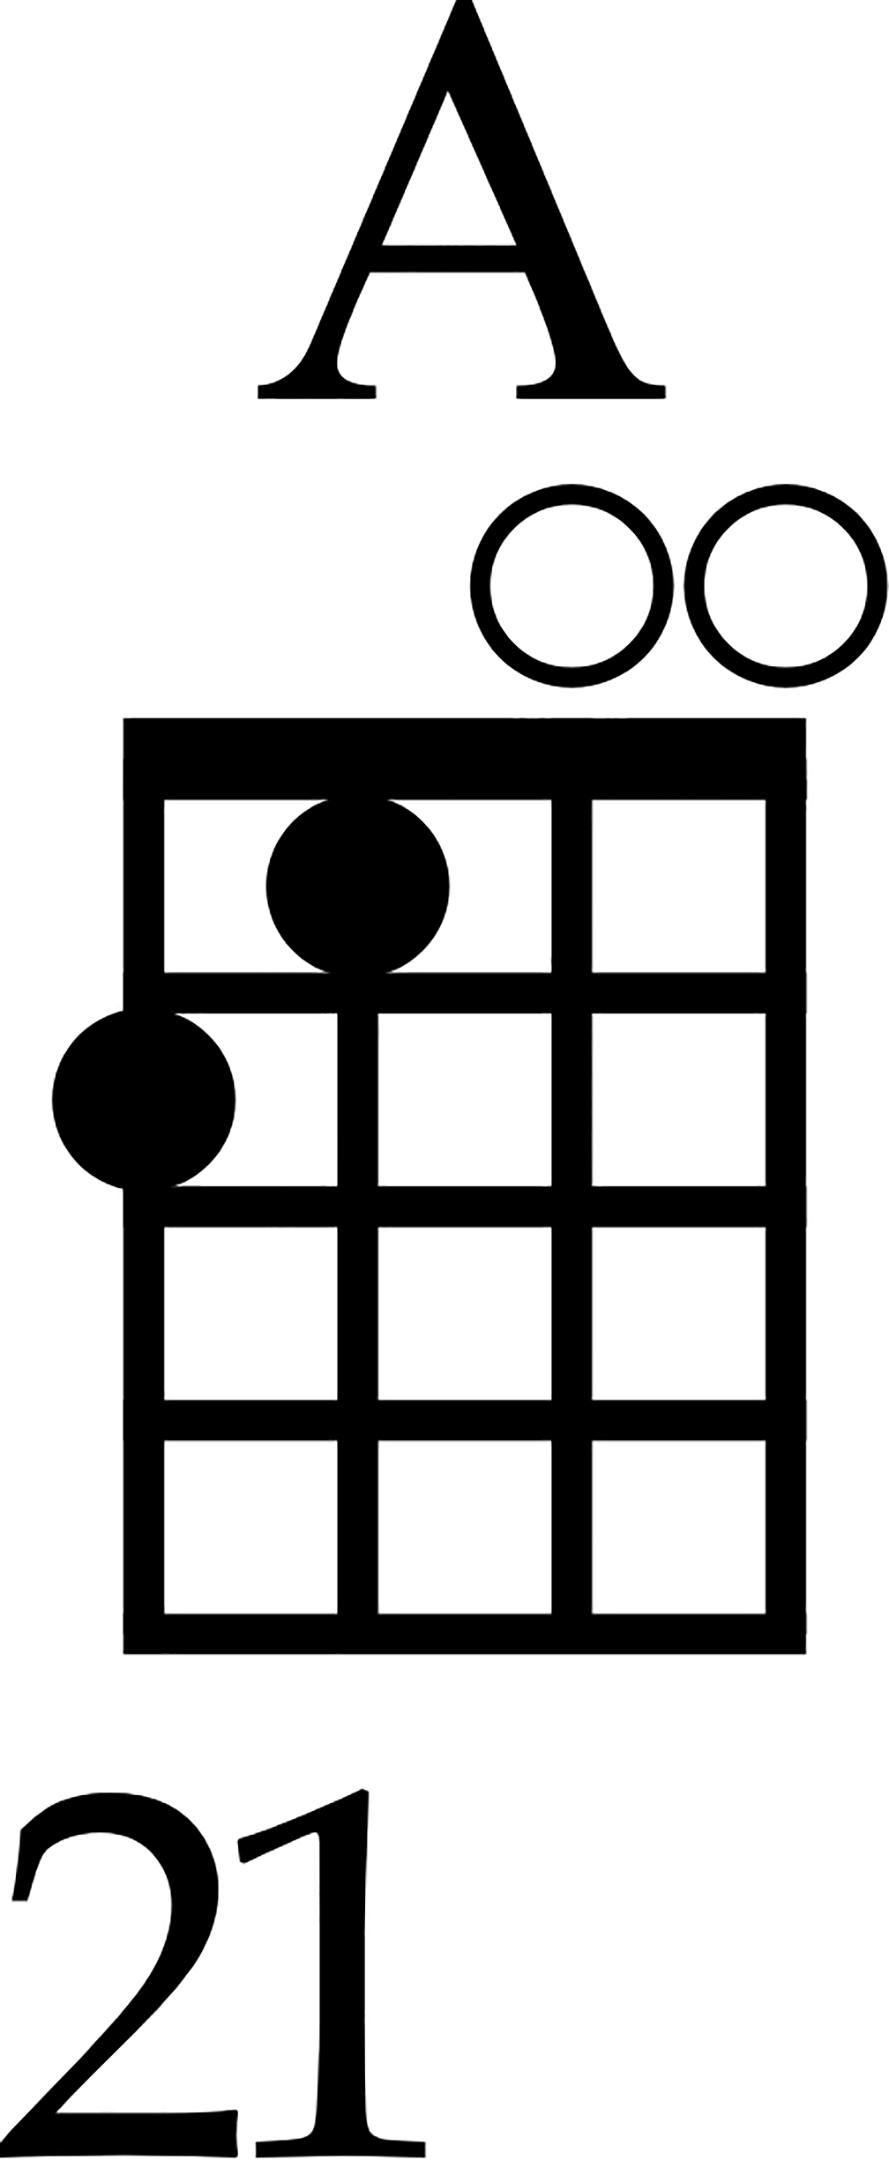 A Ukulele Chord